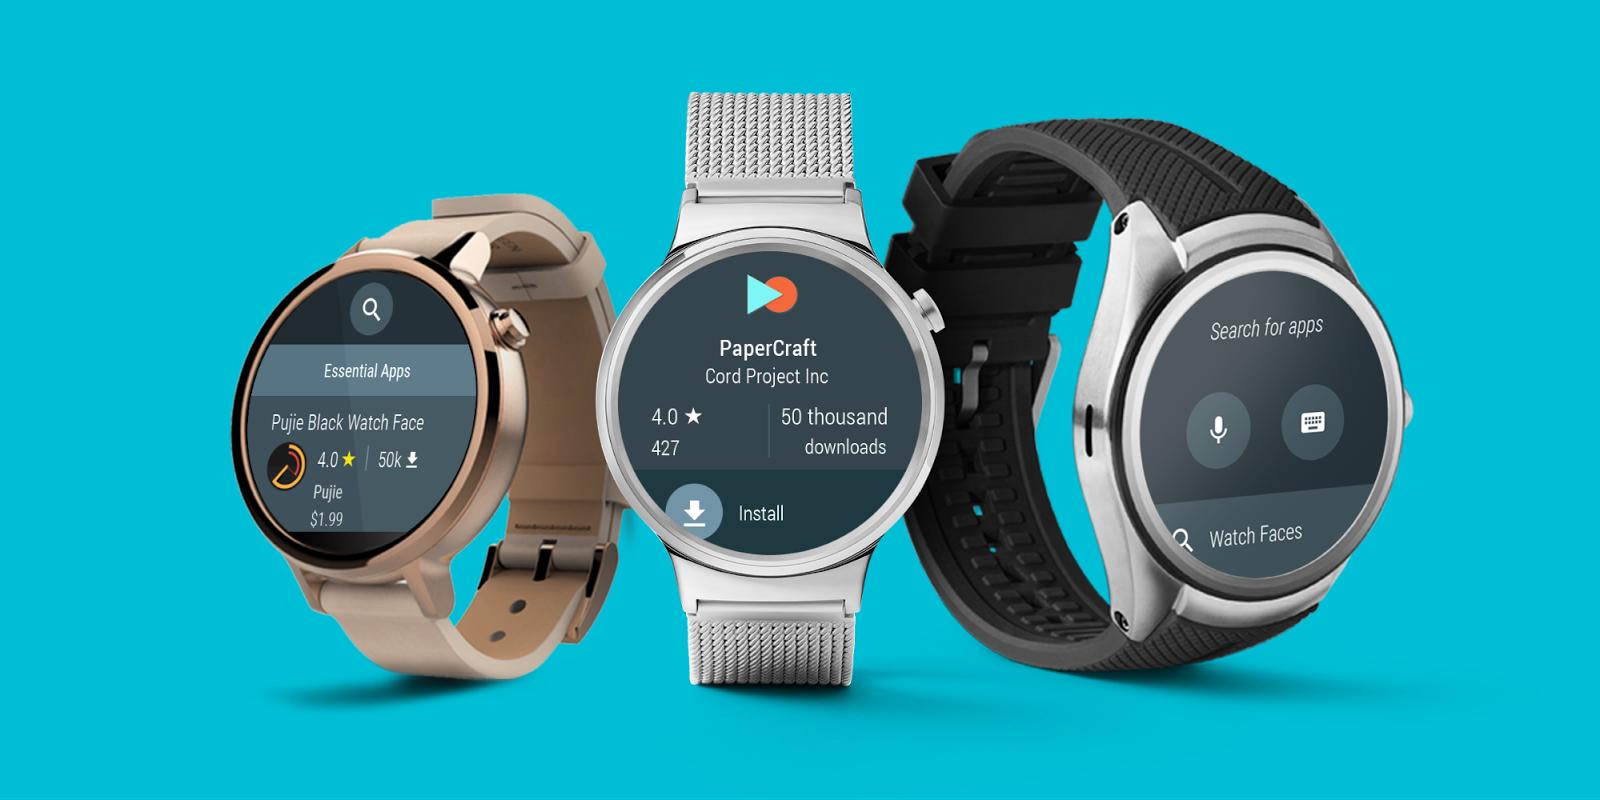 Entro marzo, i nuovi smartwatch di Google